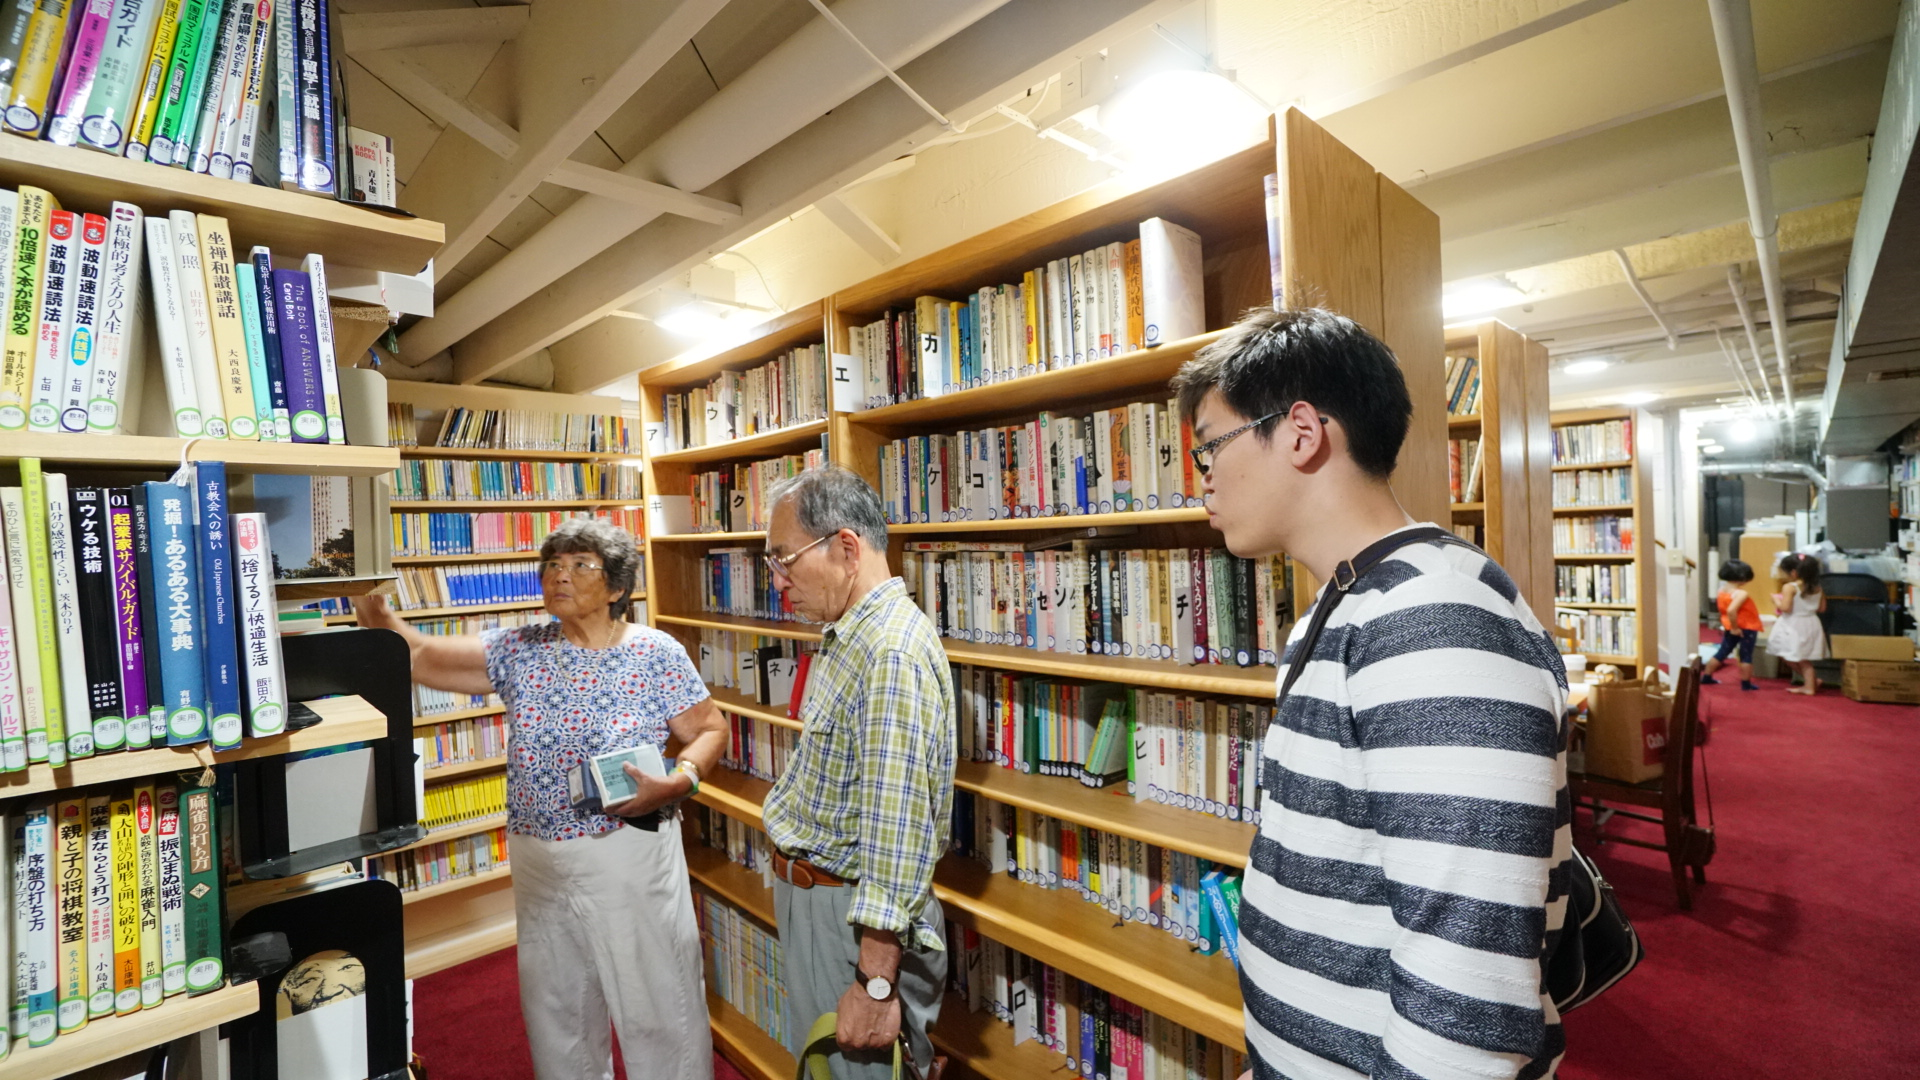 洋子さんが私費を投入して日系人、滞在日本人向けに開設した日本語図 書館。蔵書40,000冊、DVD400本以上(ミネソタ州)